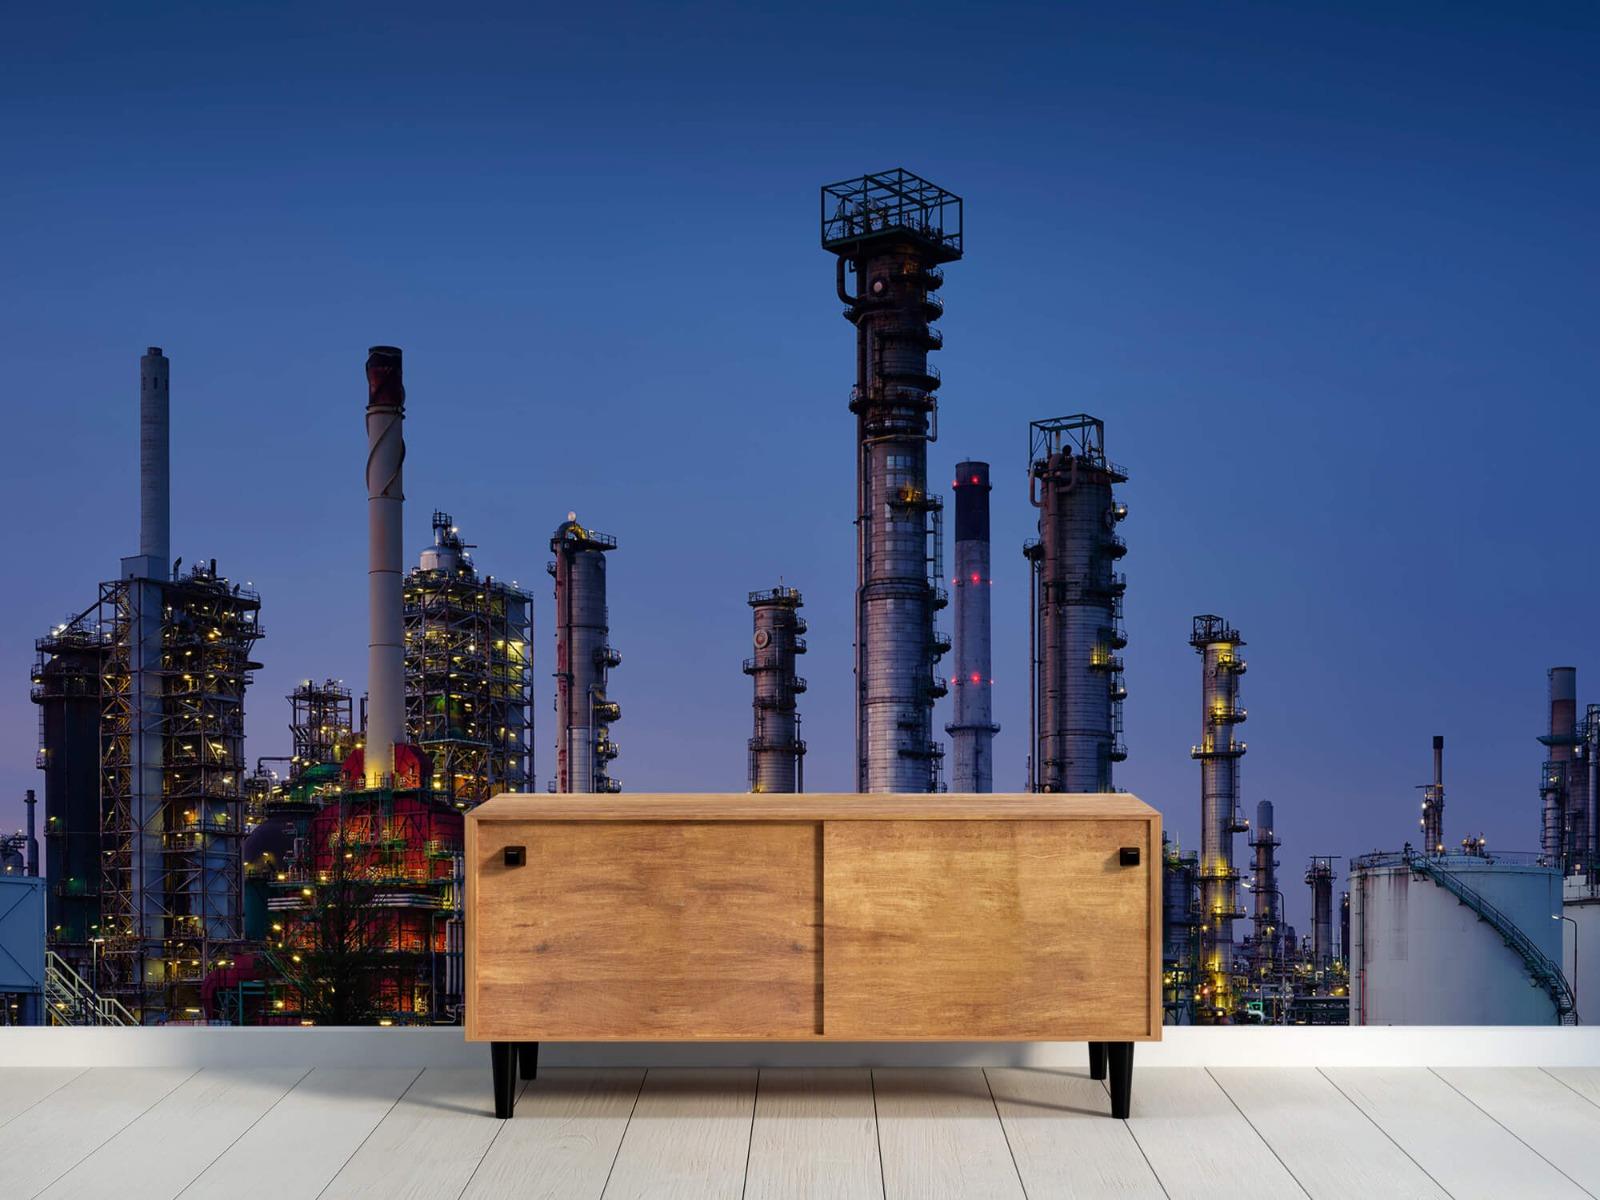 Steden behang - Industrie Botlek - Hobbykamer 9